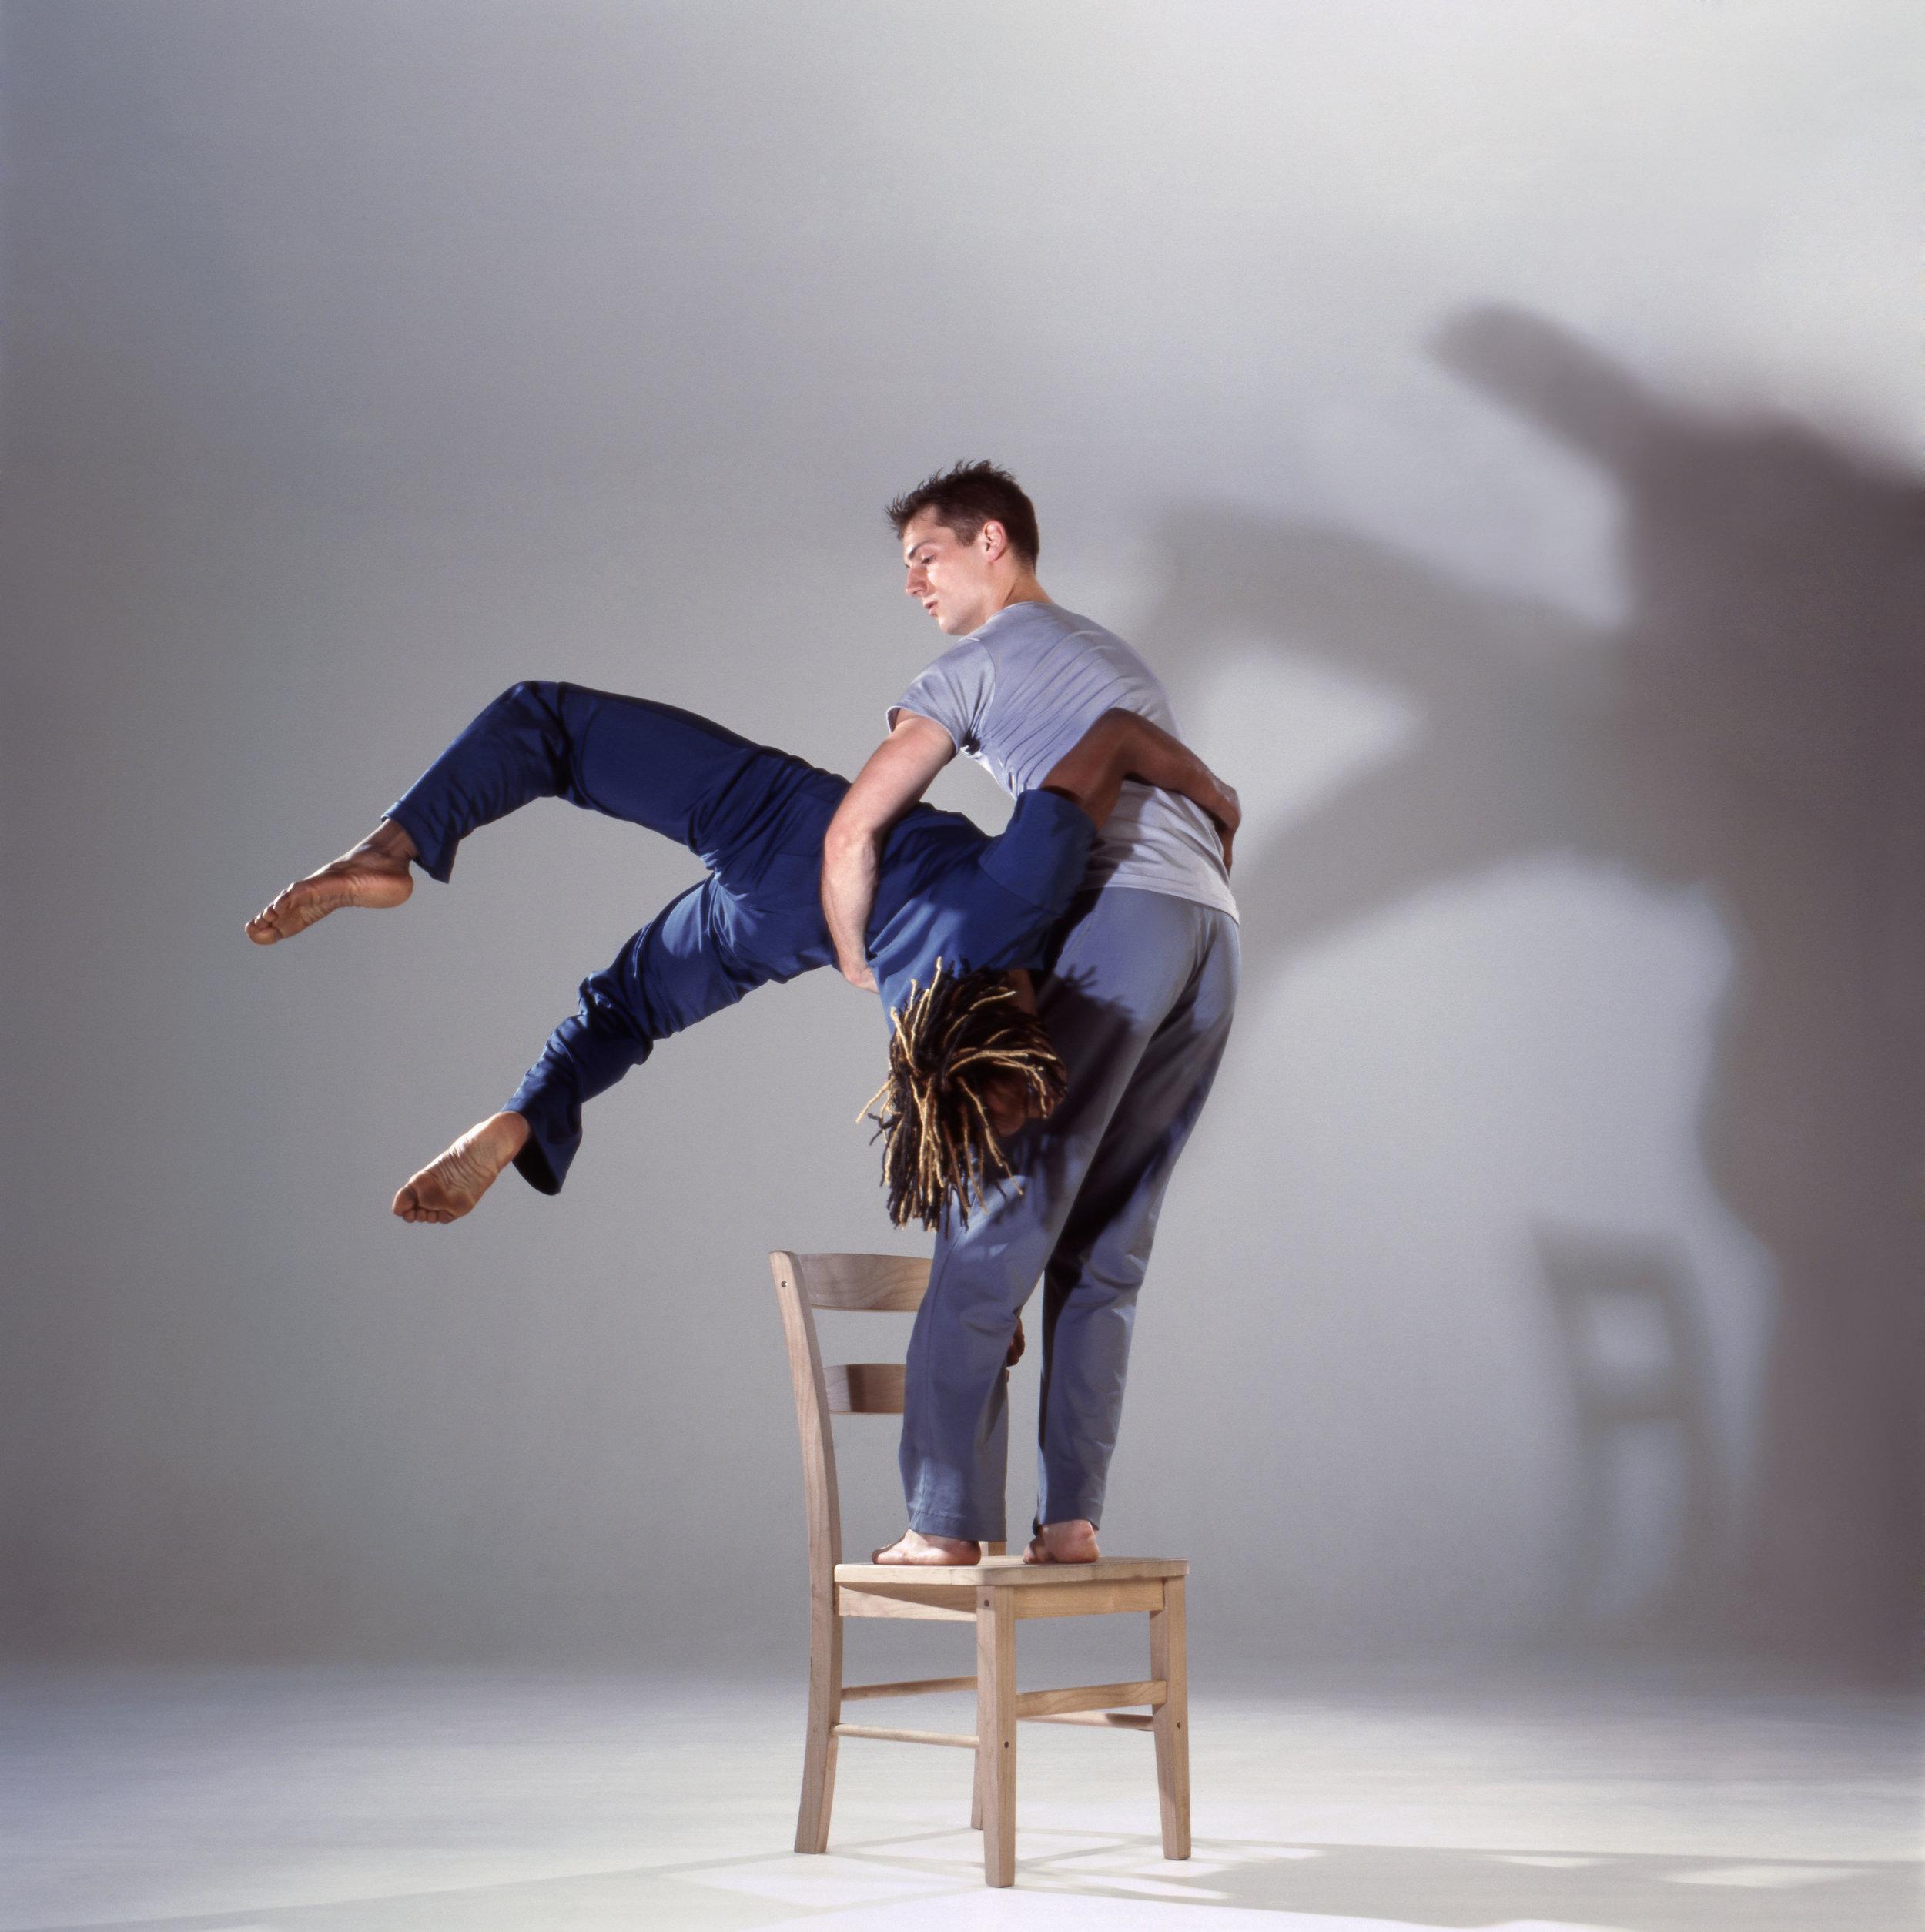 Scrivens-Lowe (On Chair).jpg